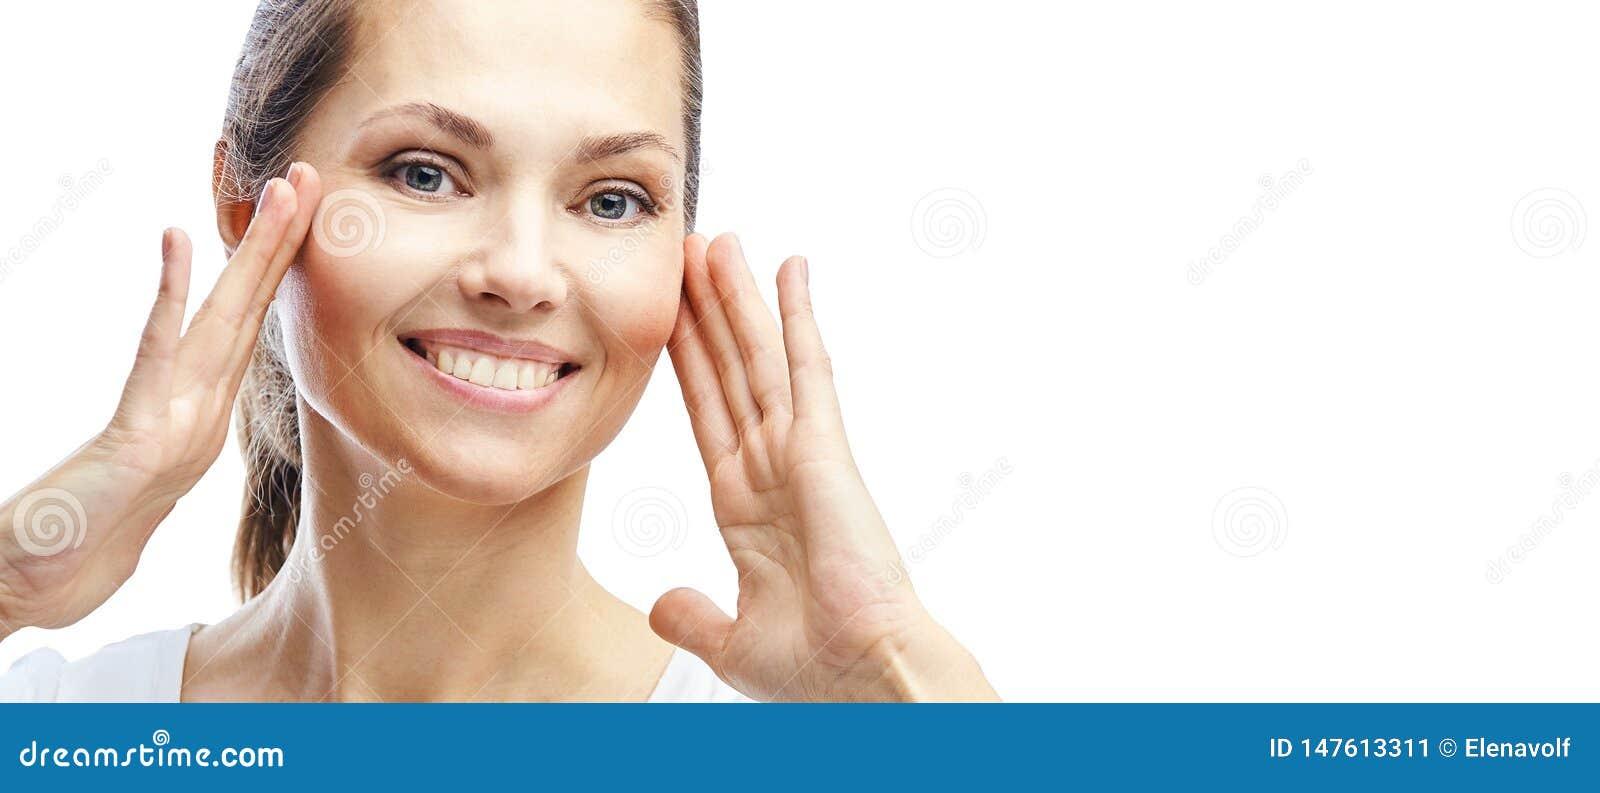 Natuurlijke schoonheidsportret met handen Cosmetologie, volwassen vrouw Cosmetische crème Huidverzorging Elegant meisje